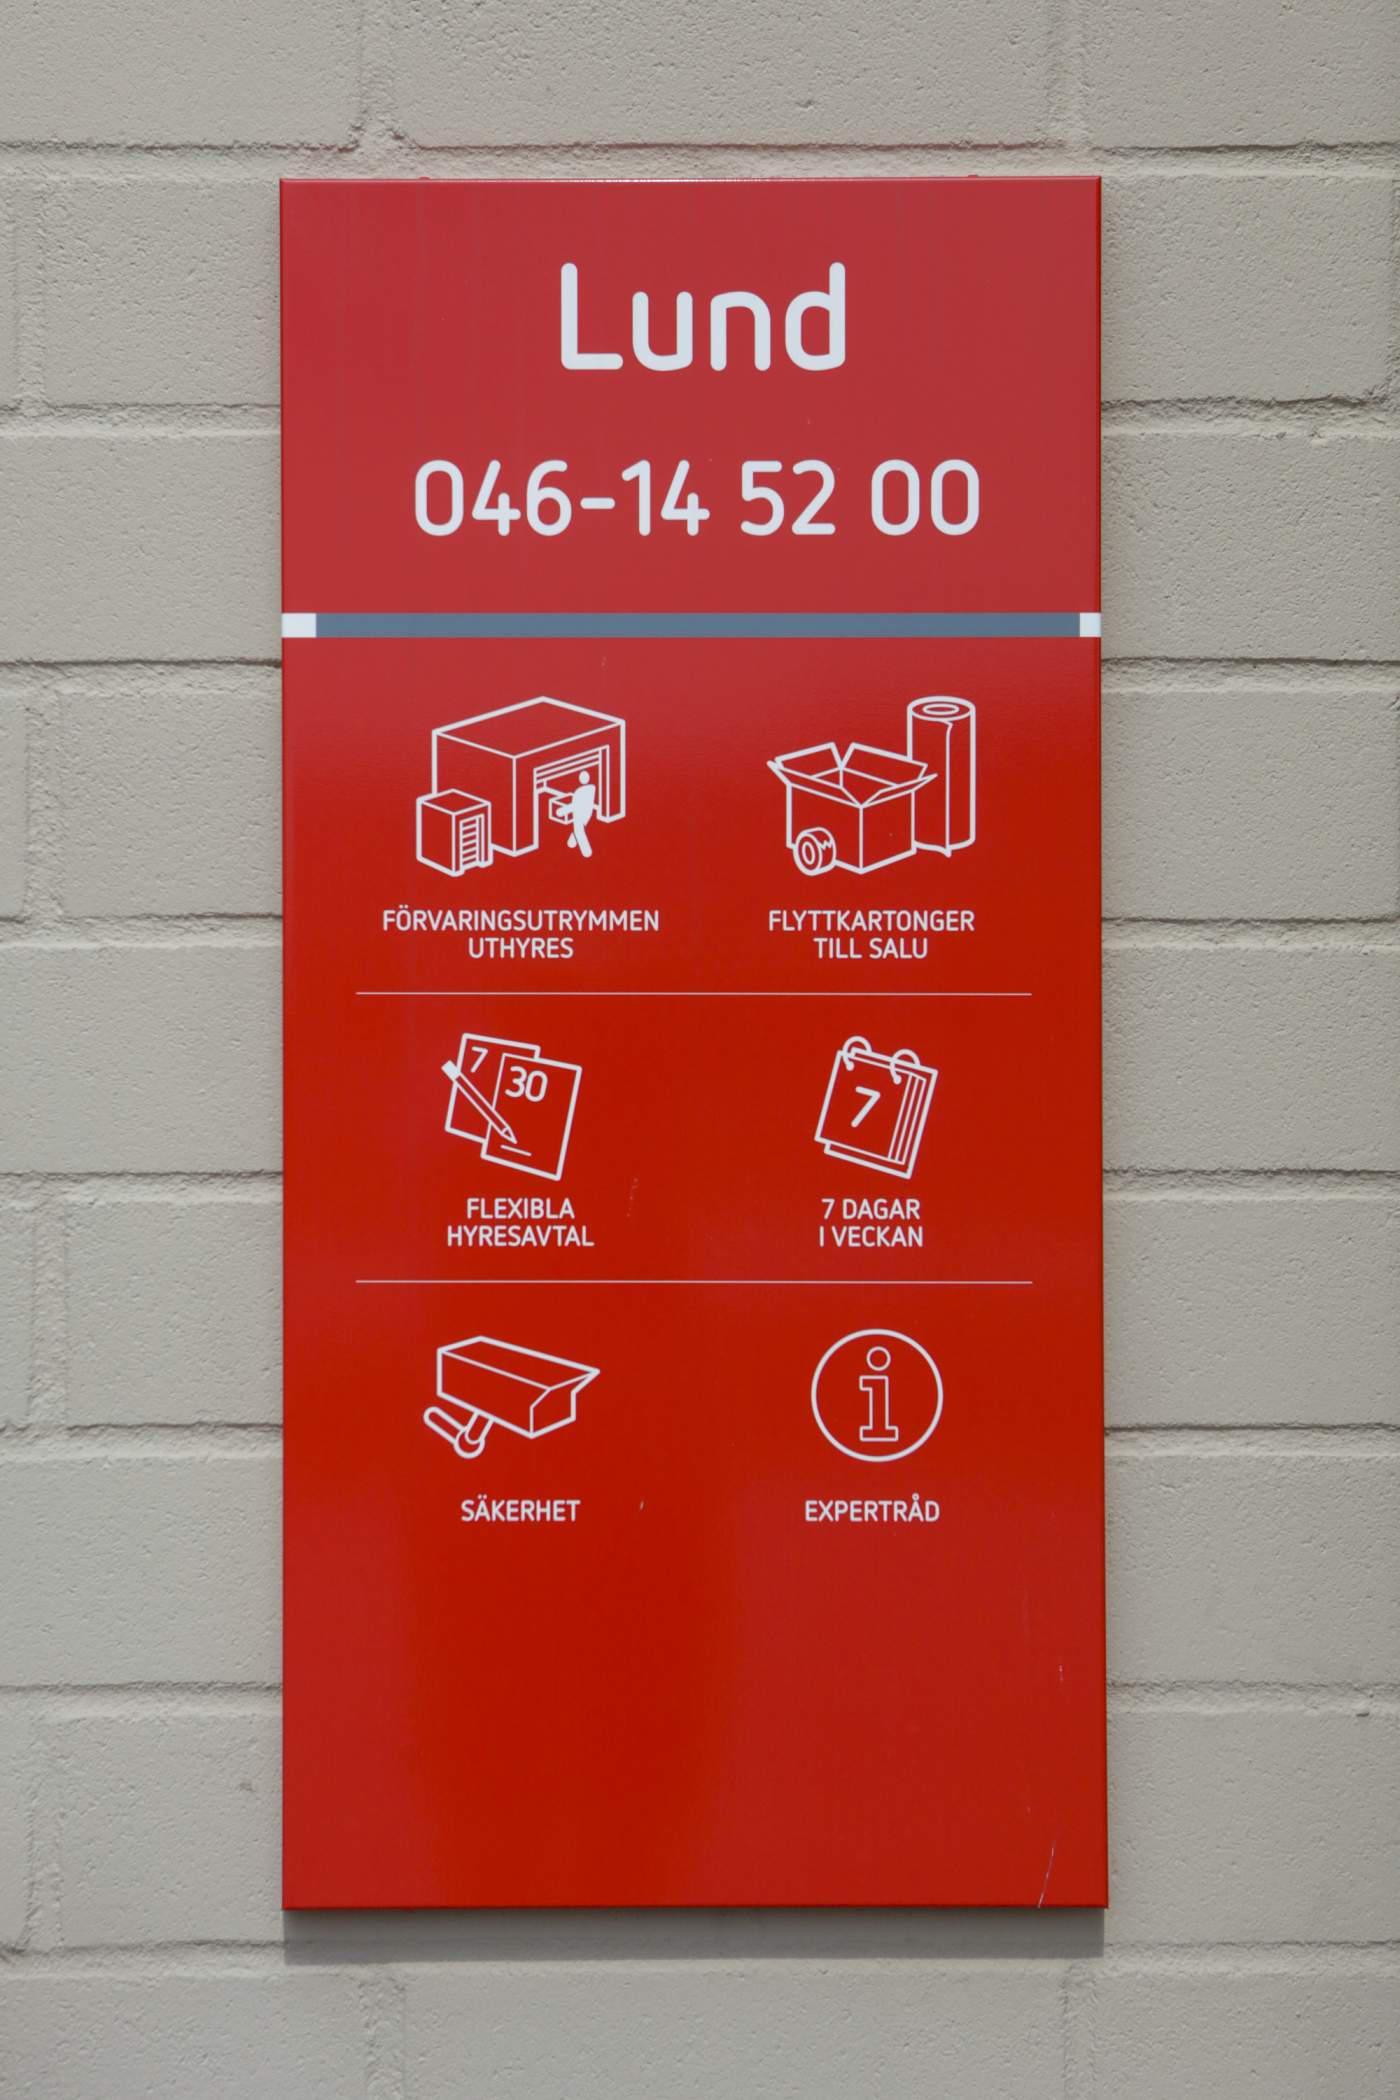 Shurgard Self-Storage Lund